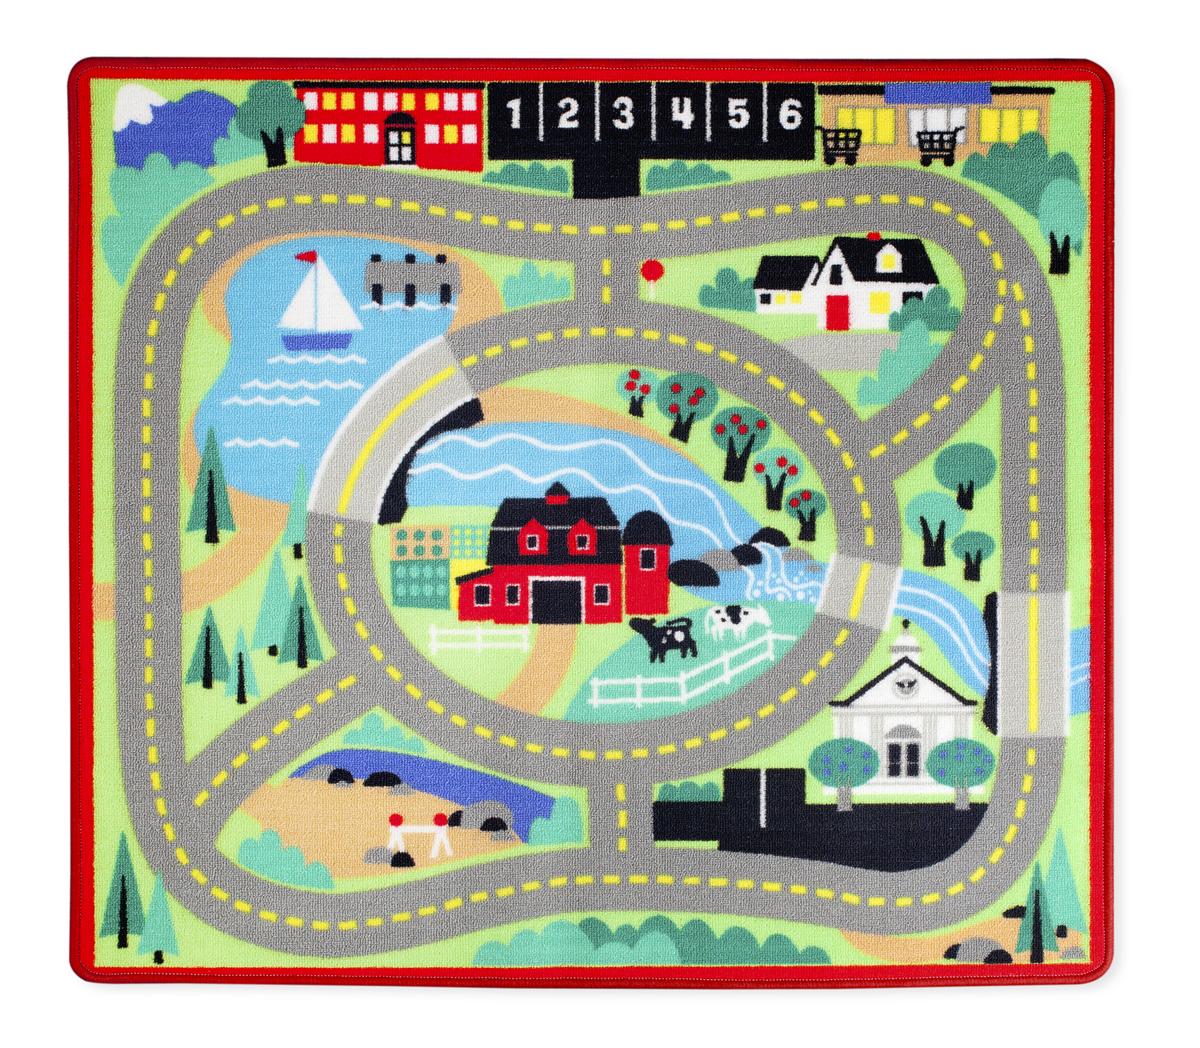 Купить Напольный коврик – Город, с дорогами и машинками, Melissa&Doug